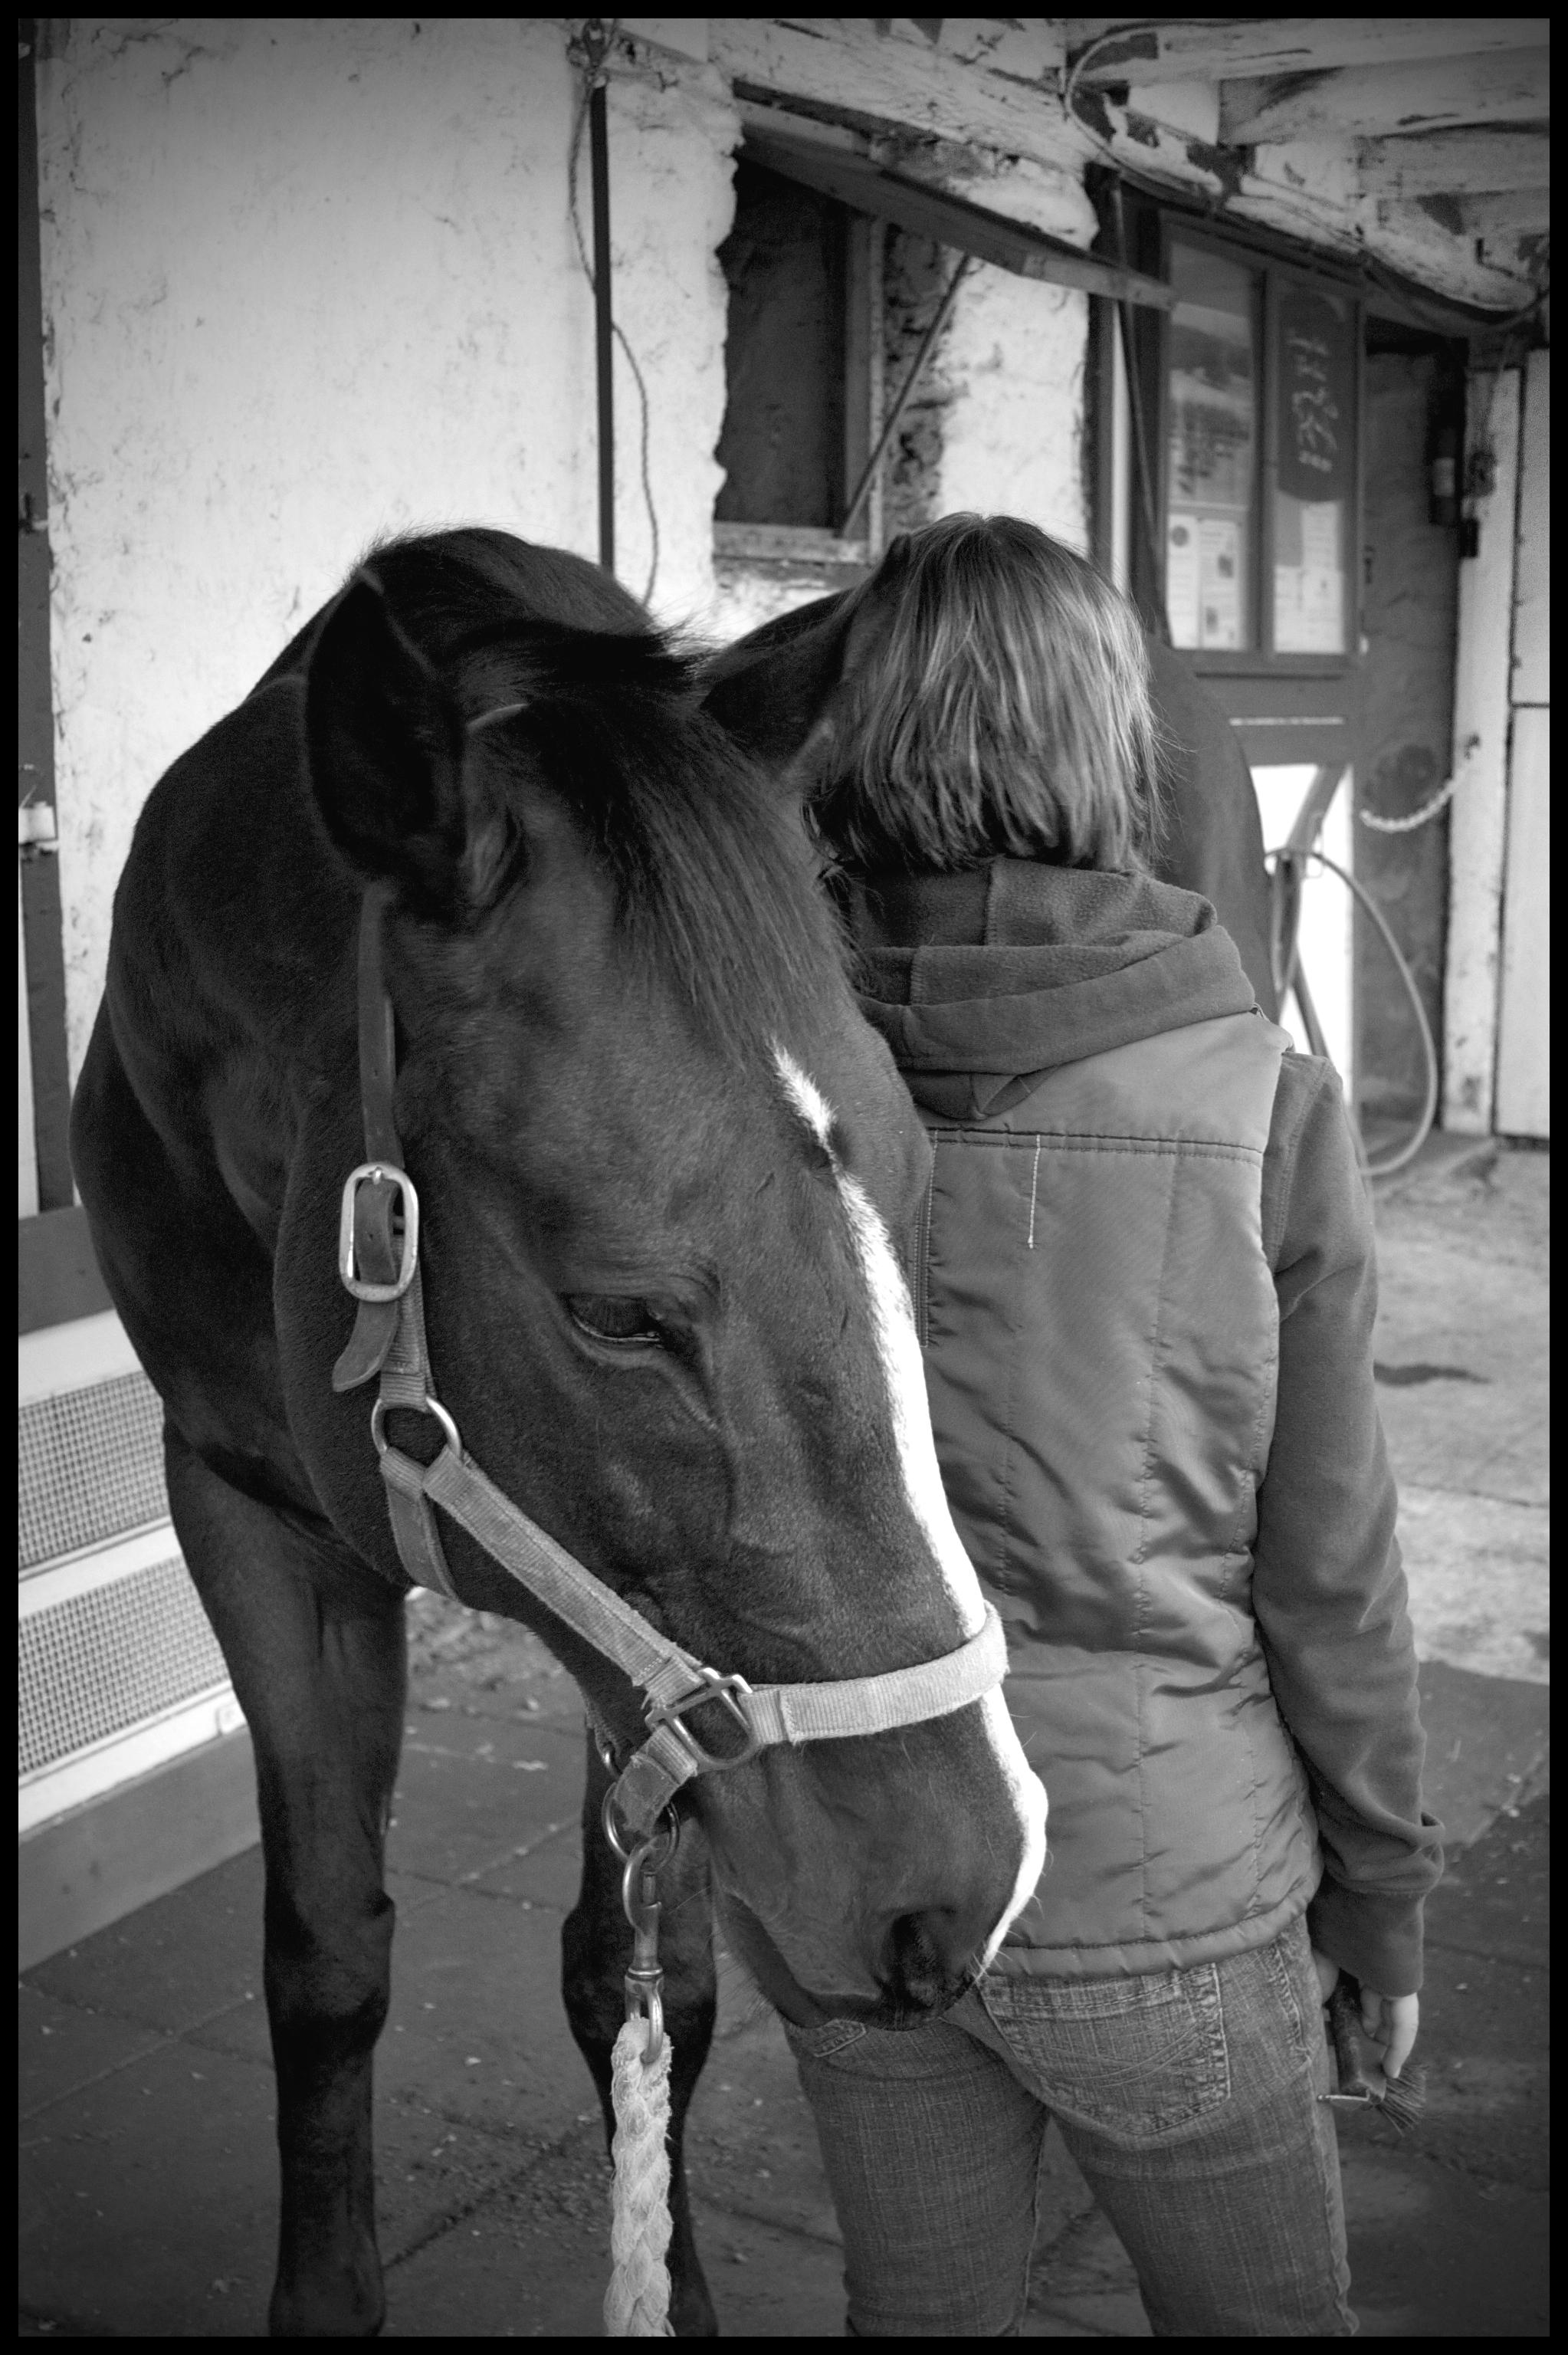 girl with horse jpg.jpg